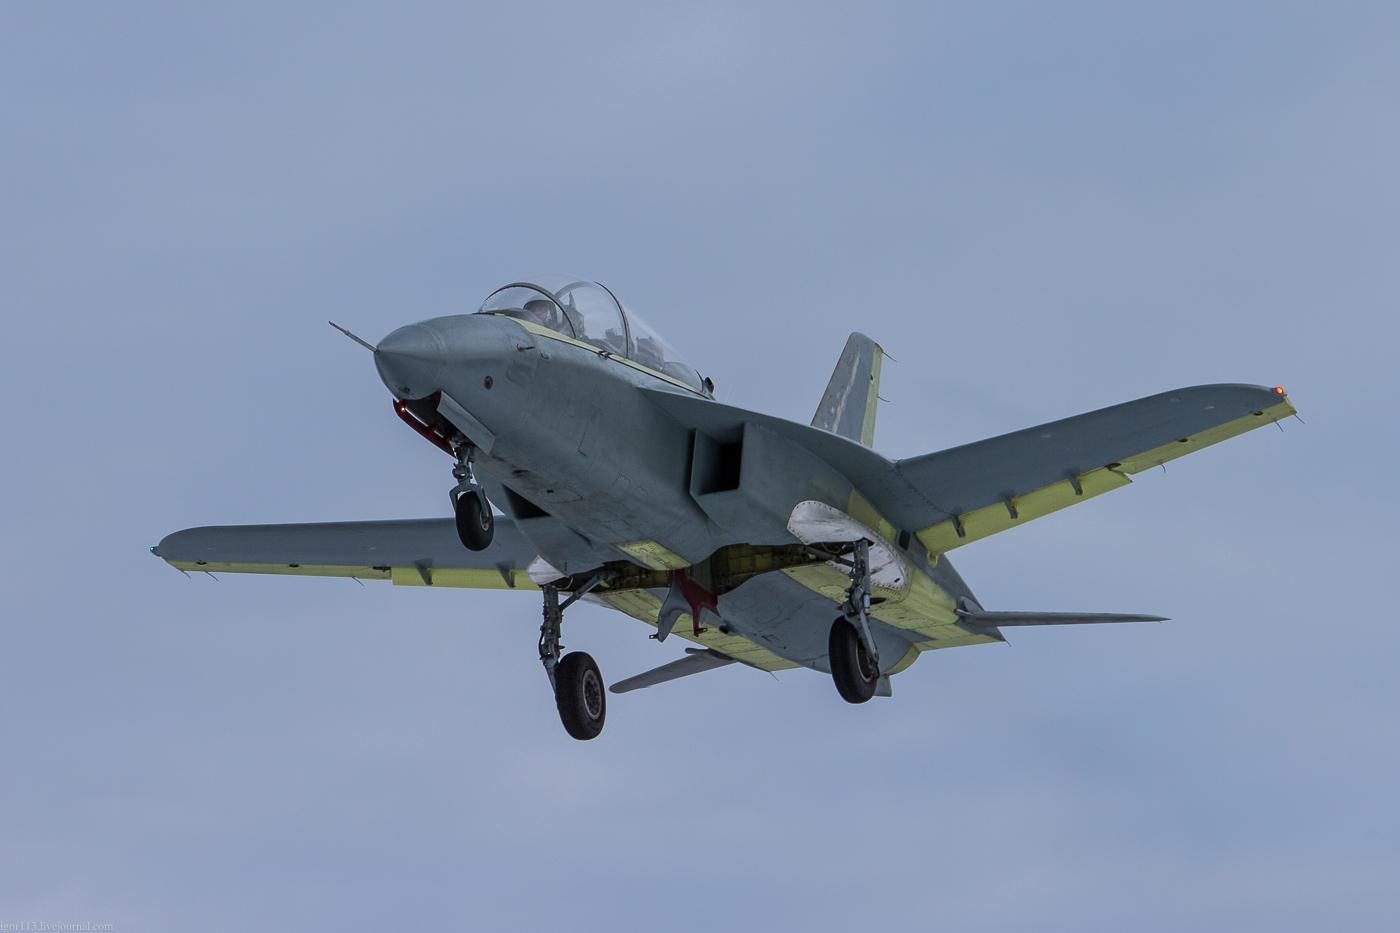 На авиабазе в Кубинке начались испытания уникального учебного самолета СР-10